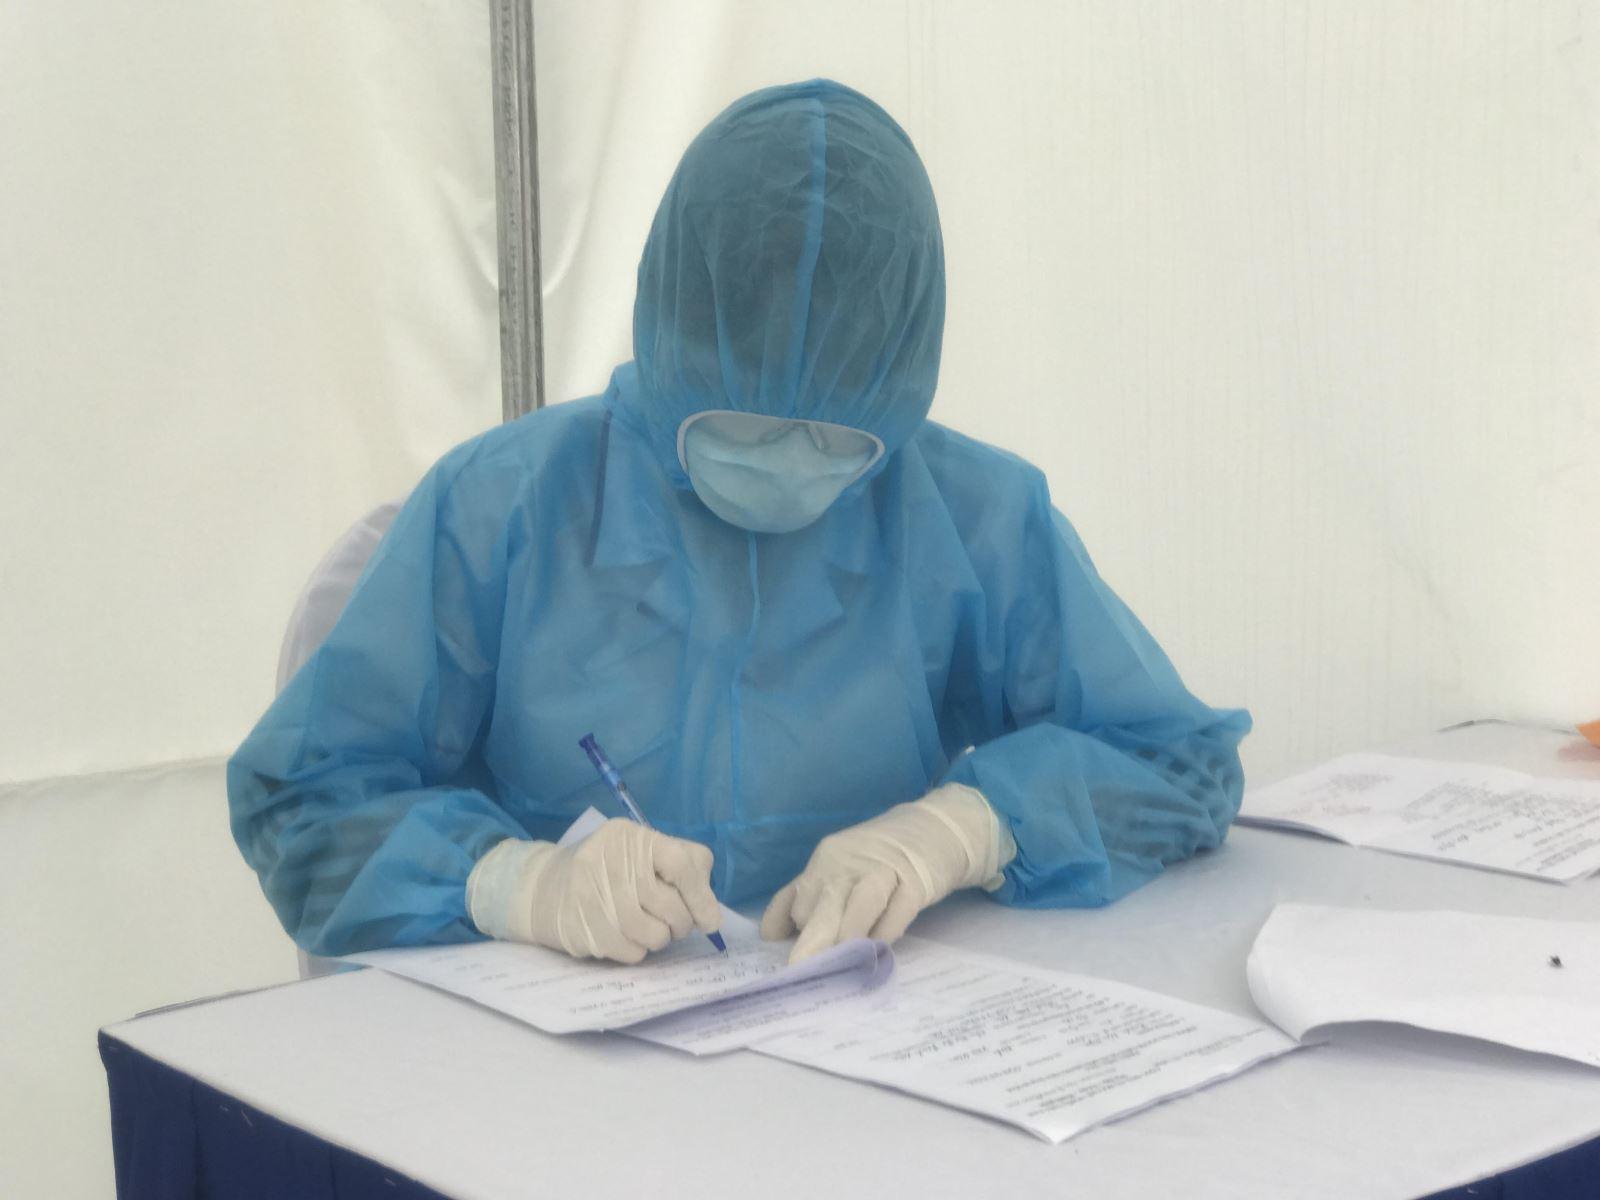 Đội phản ứng nhanh phòng dịch COVID-19: Đã khoác đồ phòng hộ là xác định 'ngứa không gãi, không đi vệ sinh' - Ảnh 2